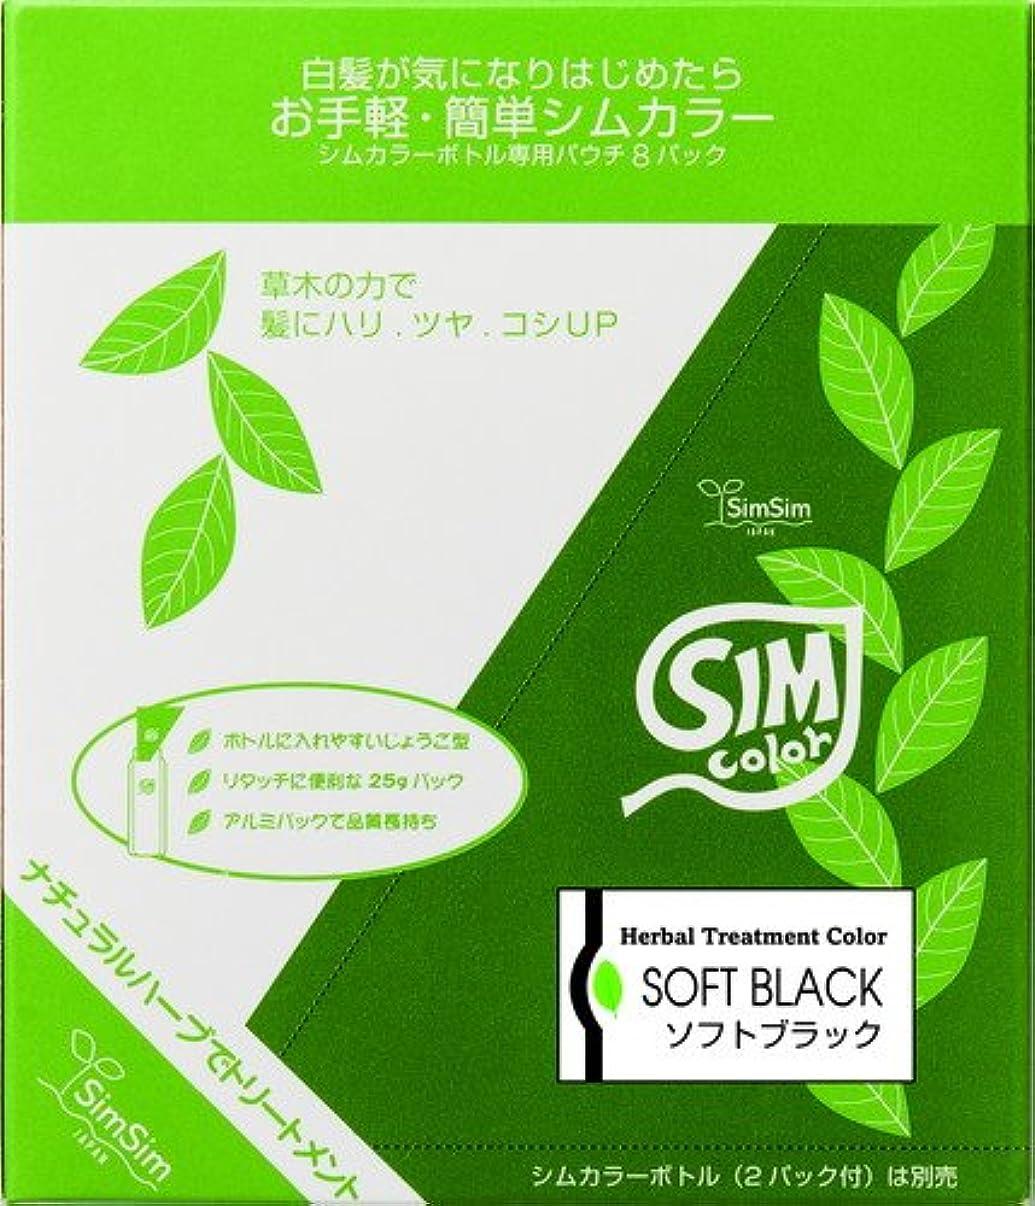 ドルフルーツフォーマットSimSim(シムシム)お手軽簡単シムカラーエクストラ(EX)25g 8袋 ソフトブラック